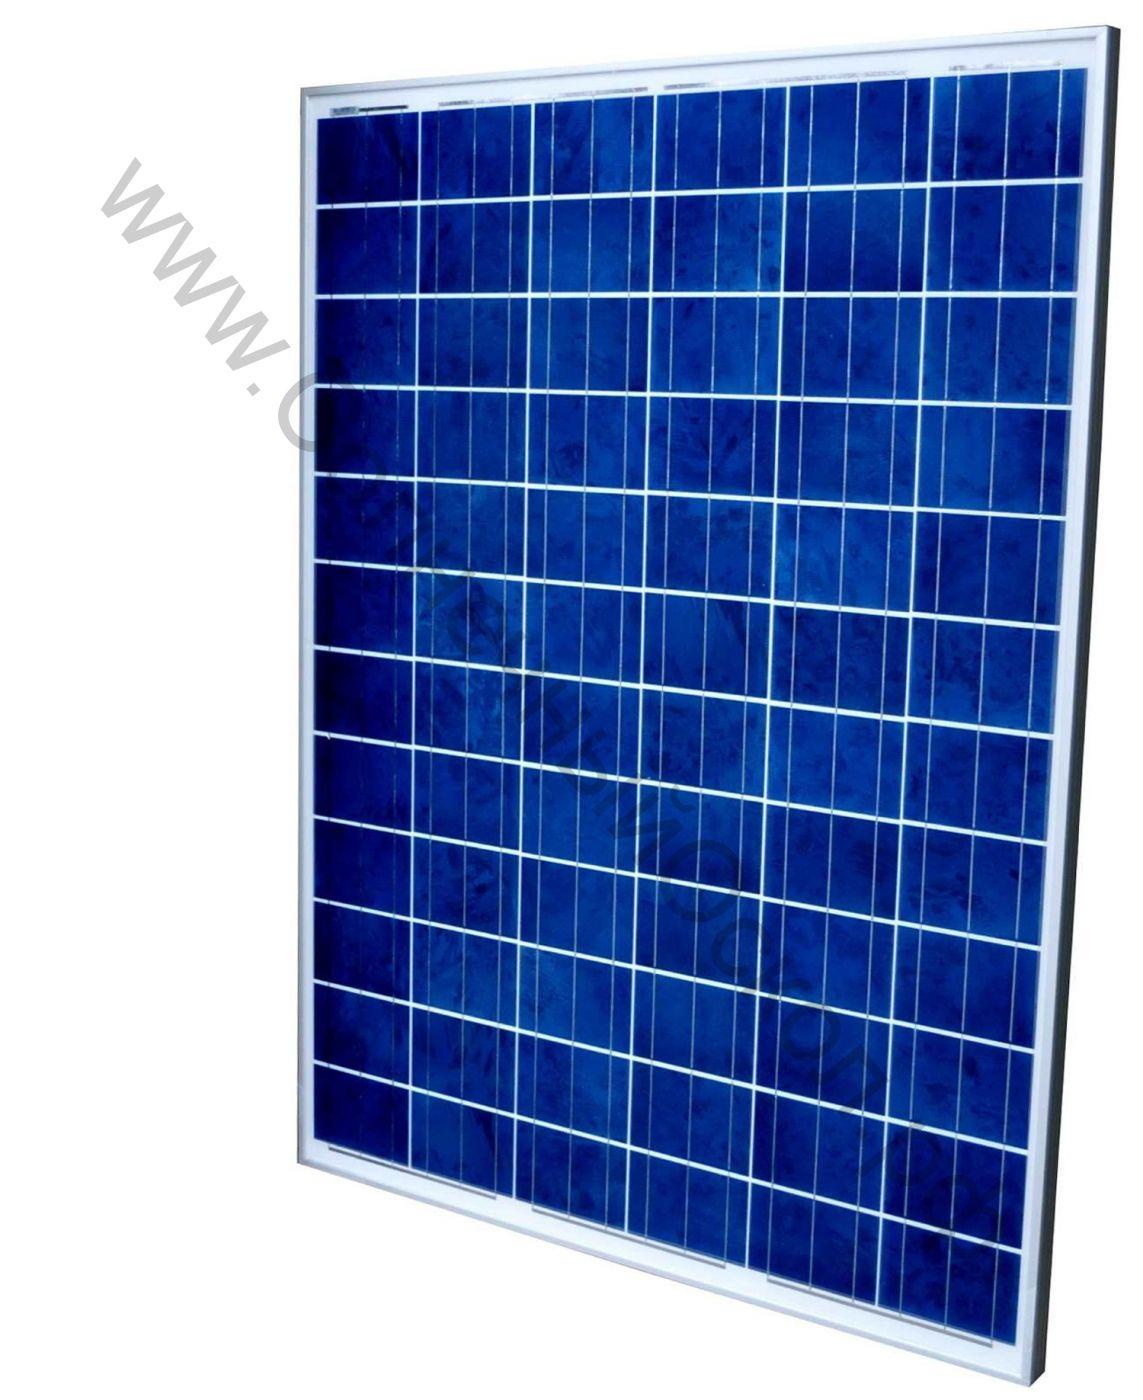 Поликристаллическая солнечная панель WDNY-235P60